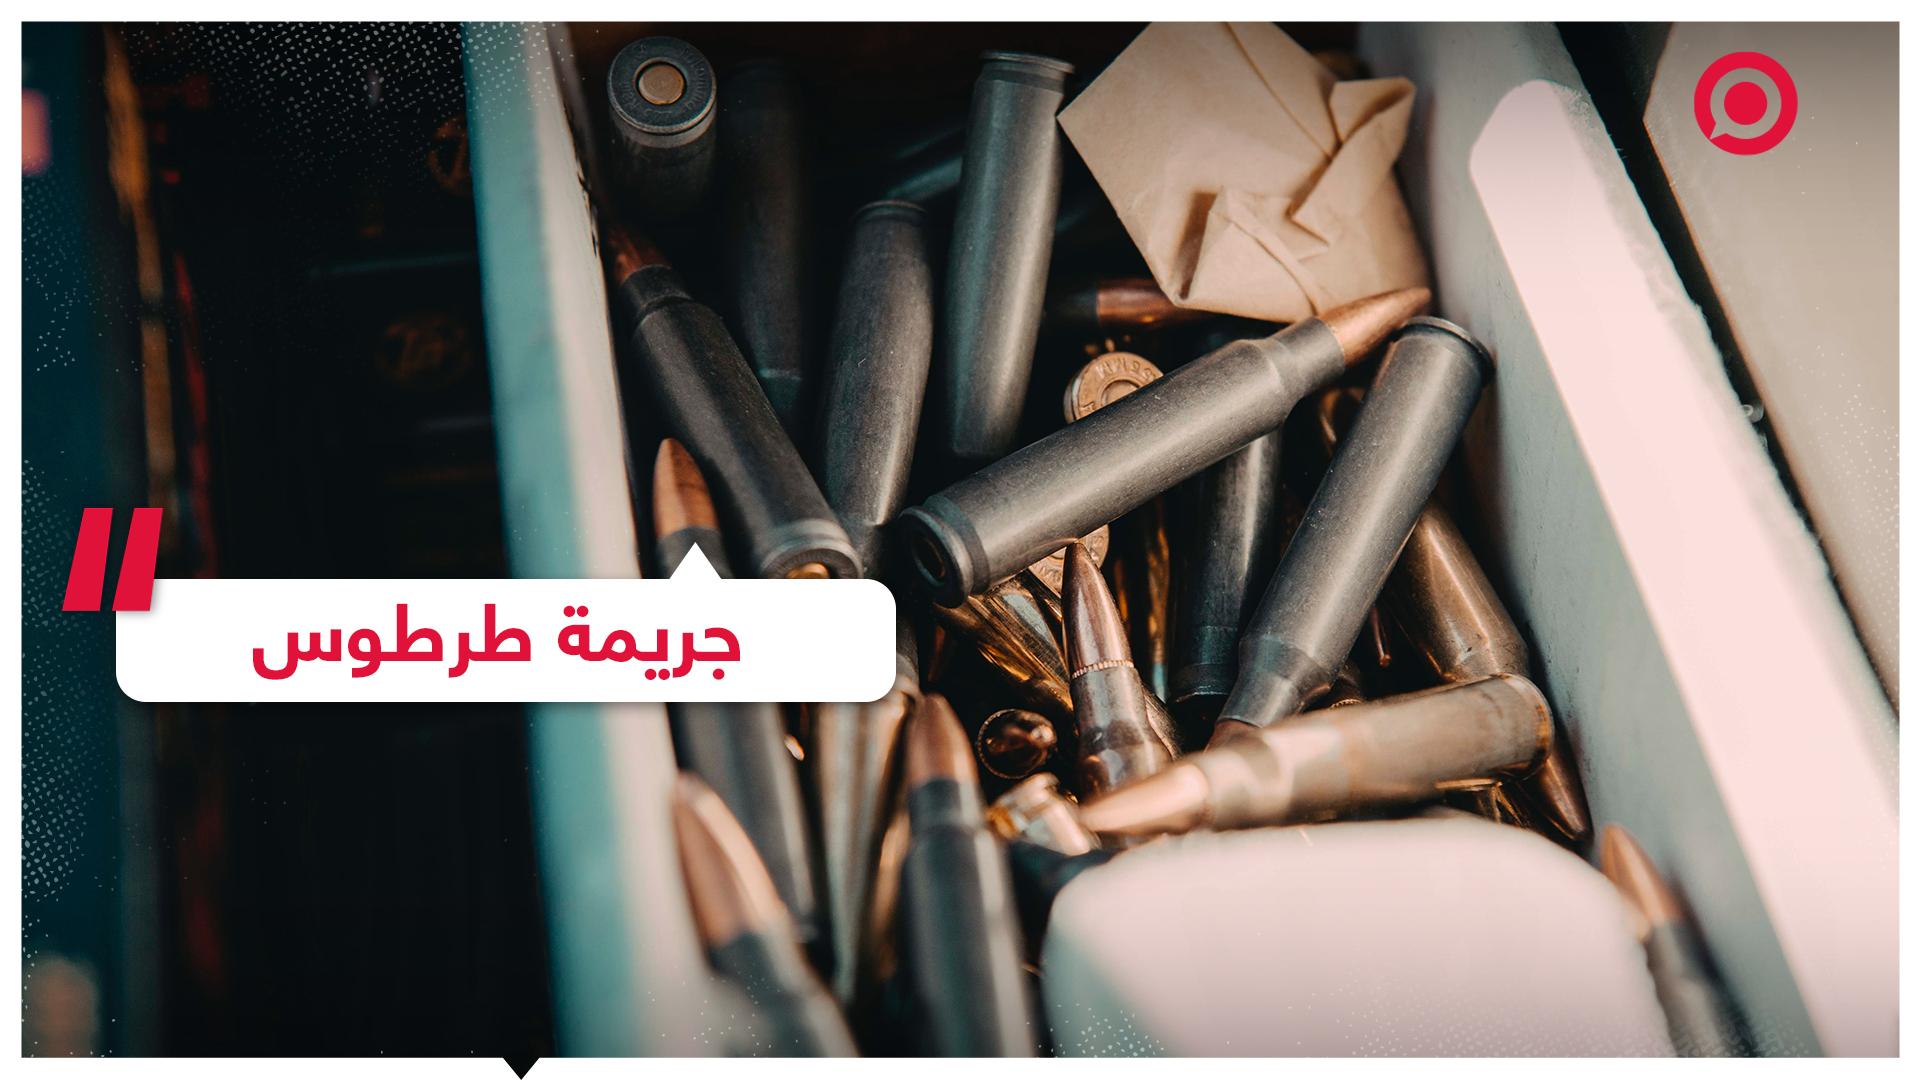 معطيات جديدة في قضية مقتل سوري وبناته الثلاث في طرطوس